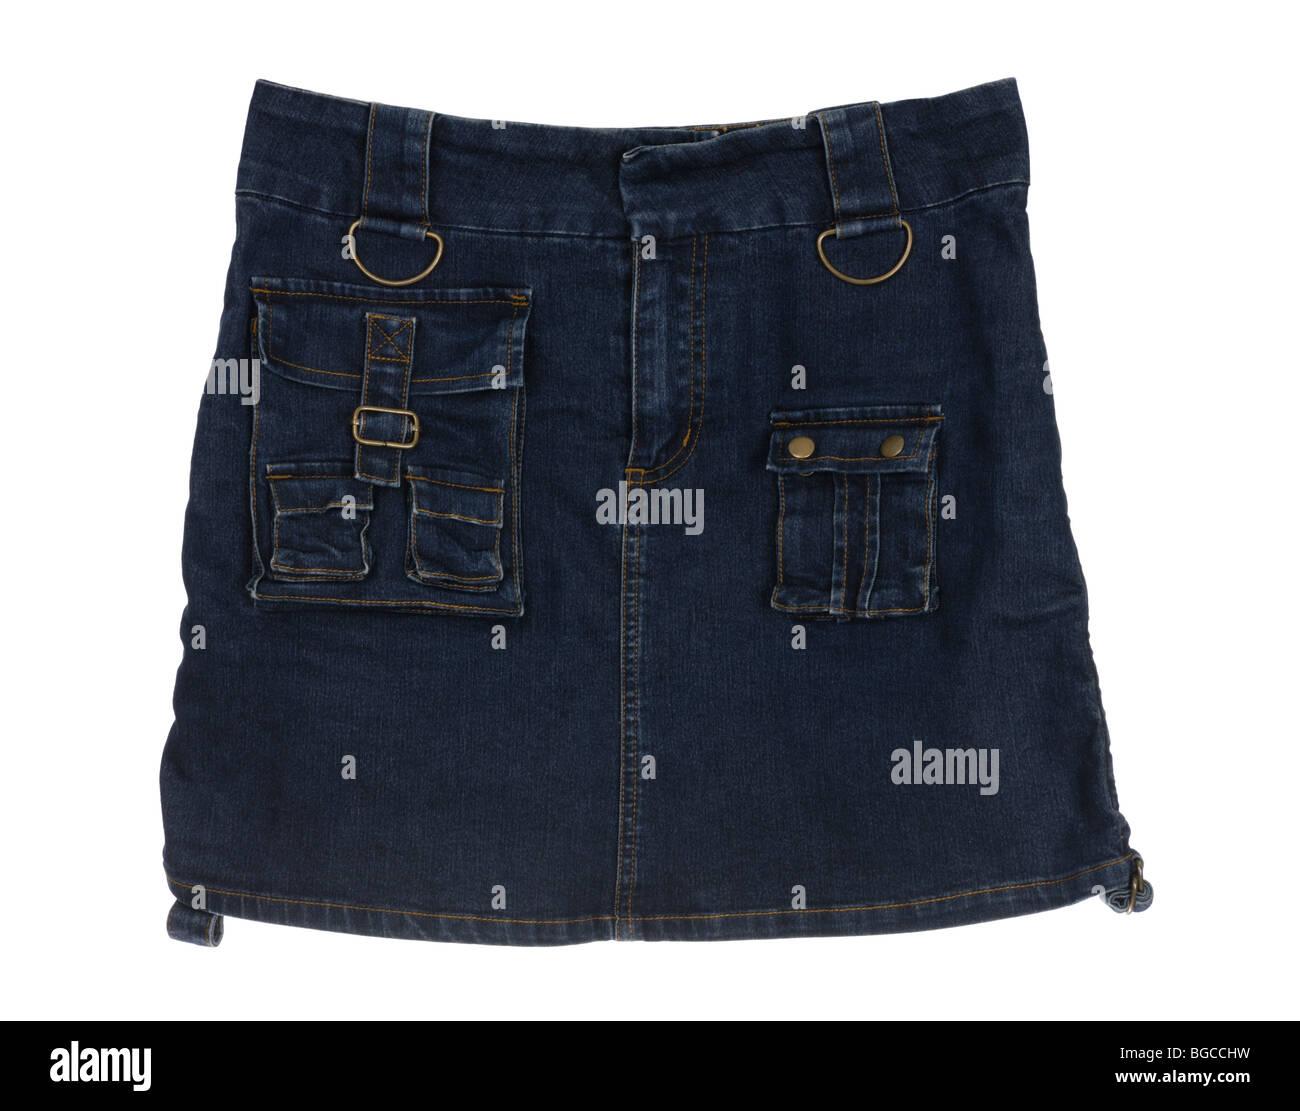 Dark blue short jeans skirt isolated on white background - Stock Image